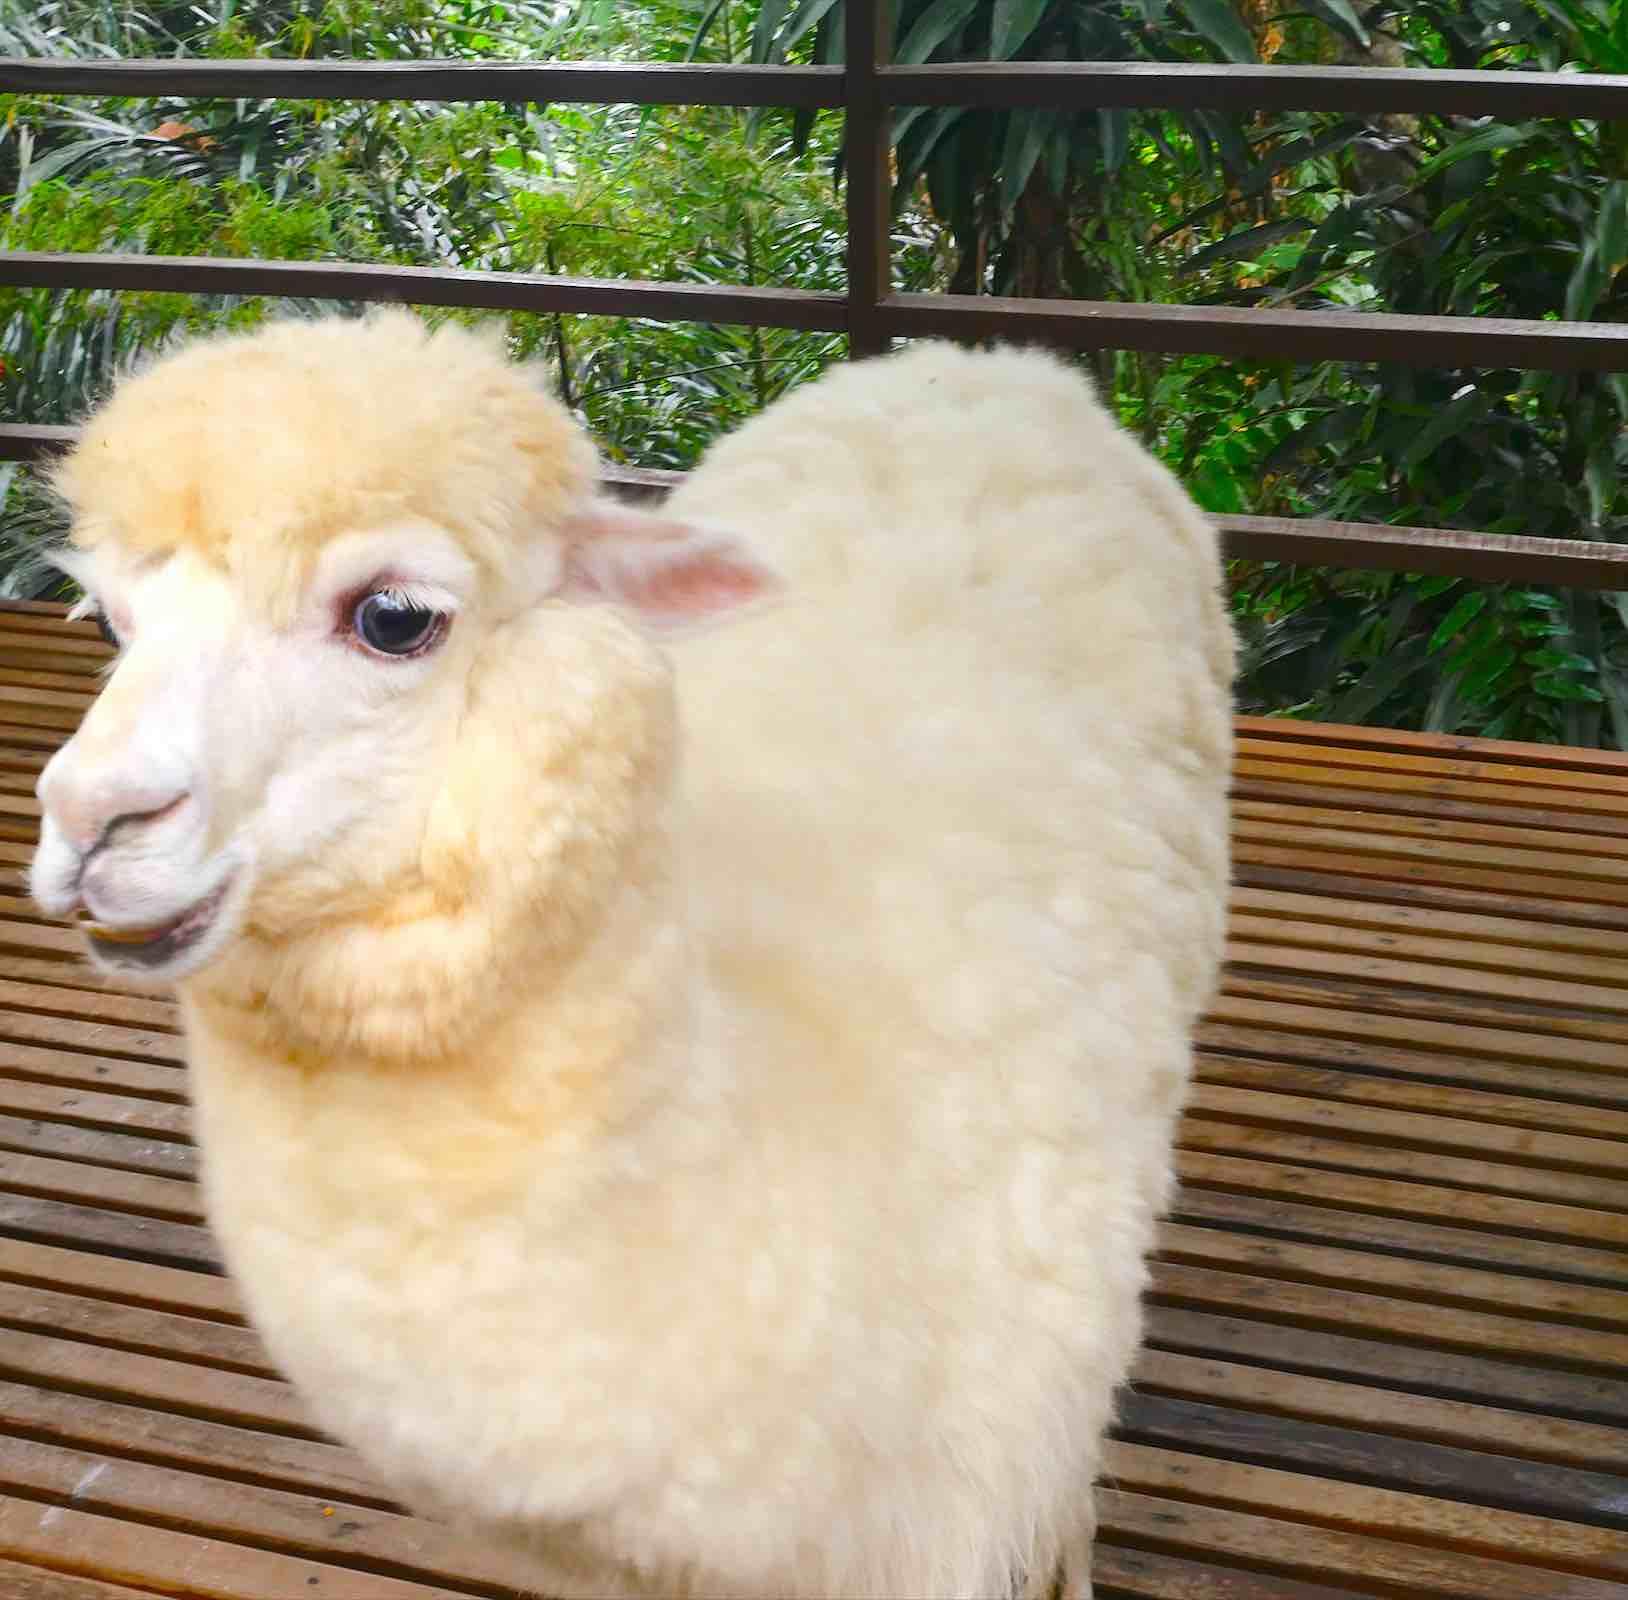 alpaca-in-mini-zoo-in-kuala-lumpur-aspirantsg